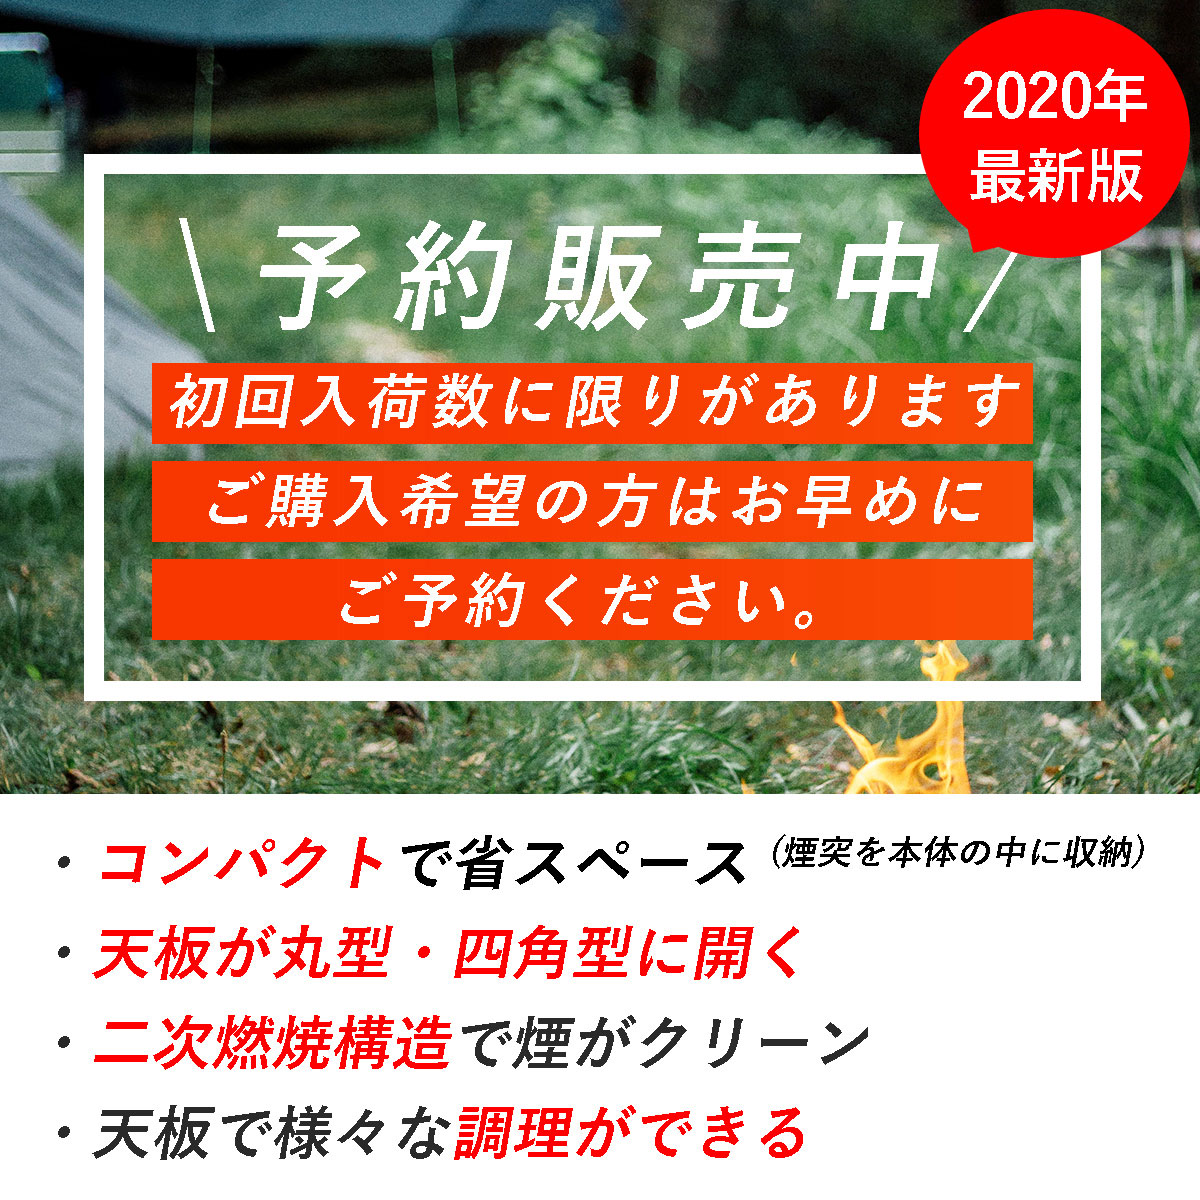 【1月下旬頃発送予定!!】Locomo(ロコモ)アウトドア薪ストーブ/COMPACT